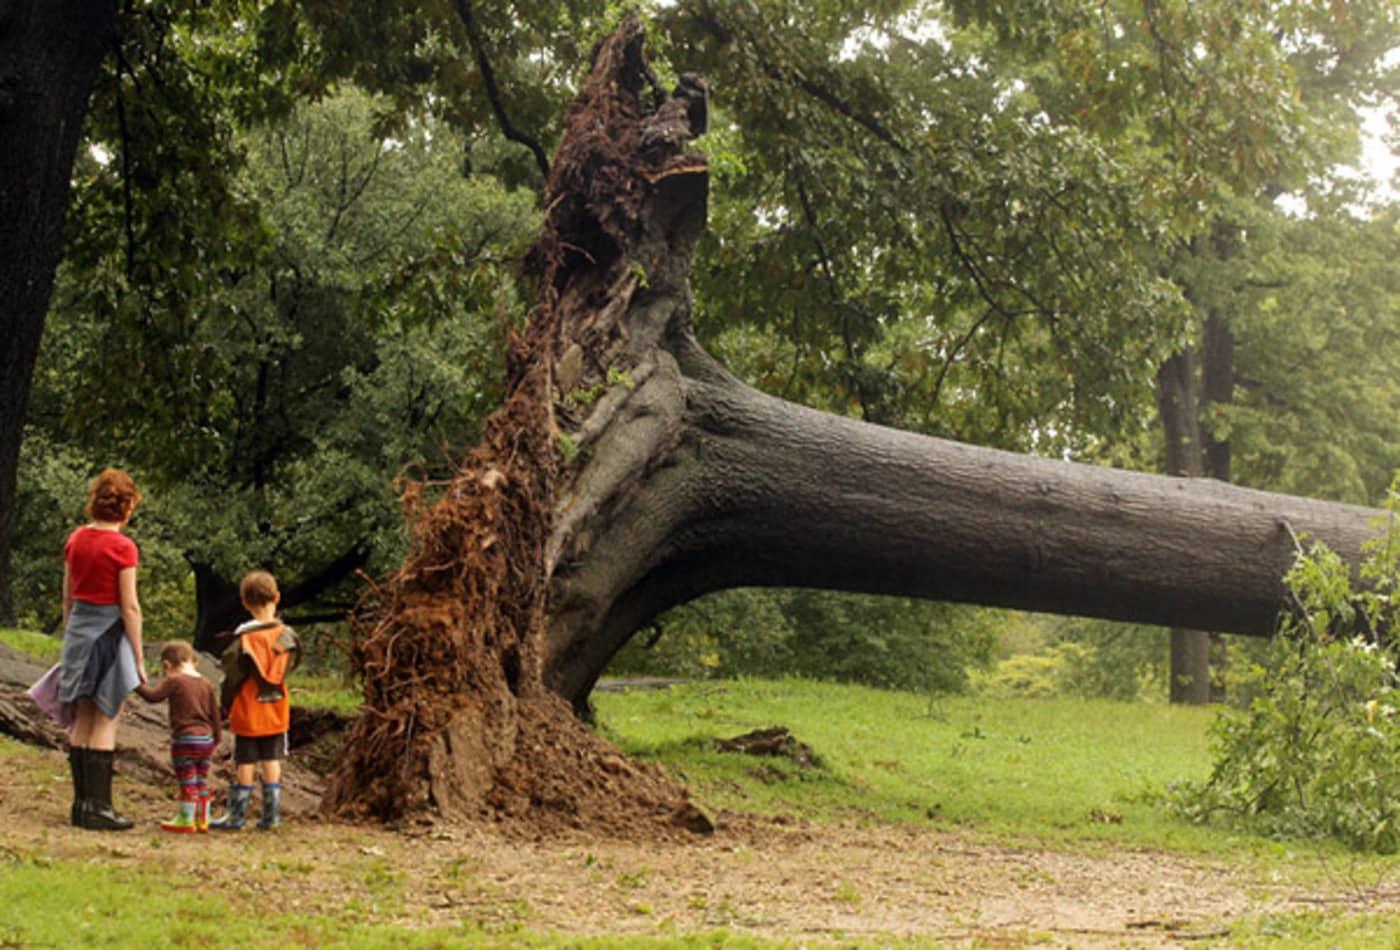 Irene_AUG28_NY_central_park_tree.jpg